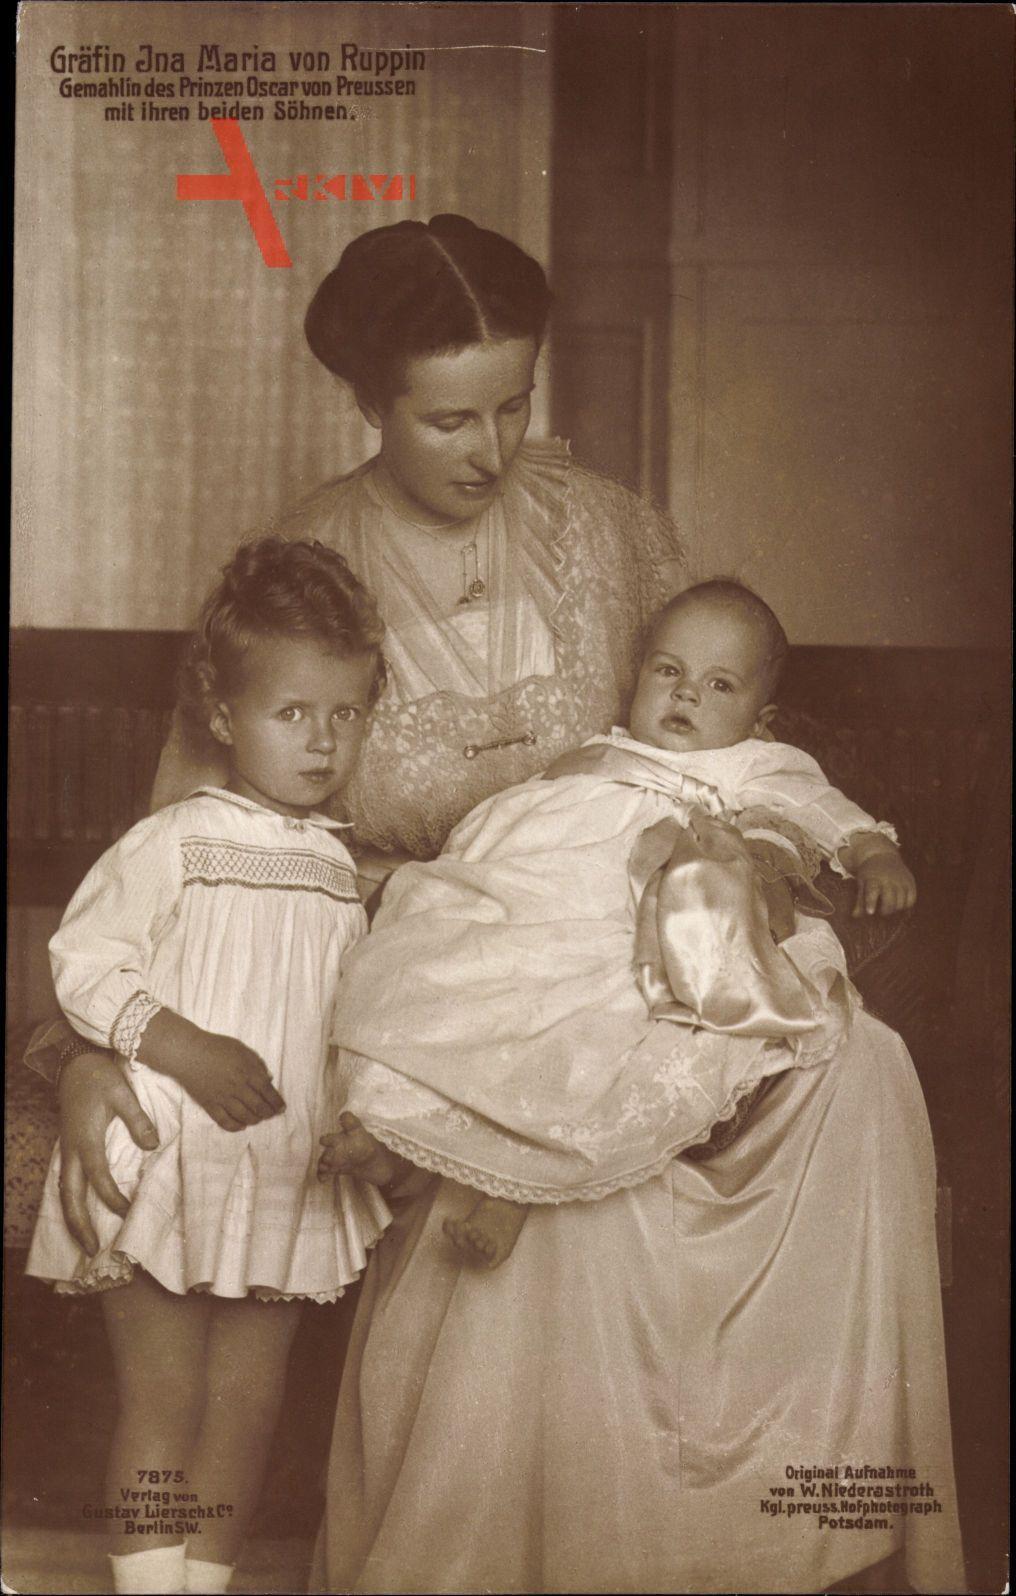 Gräfin Ina Marie von Bassewitz, Ehefrau Prinz Oskar von Preußen, Söhne